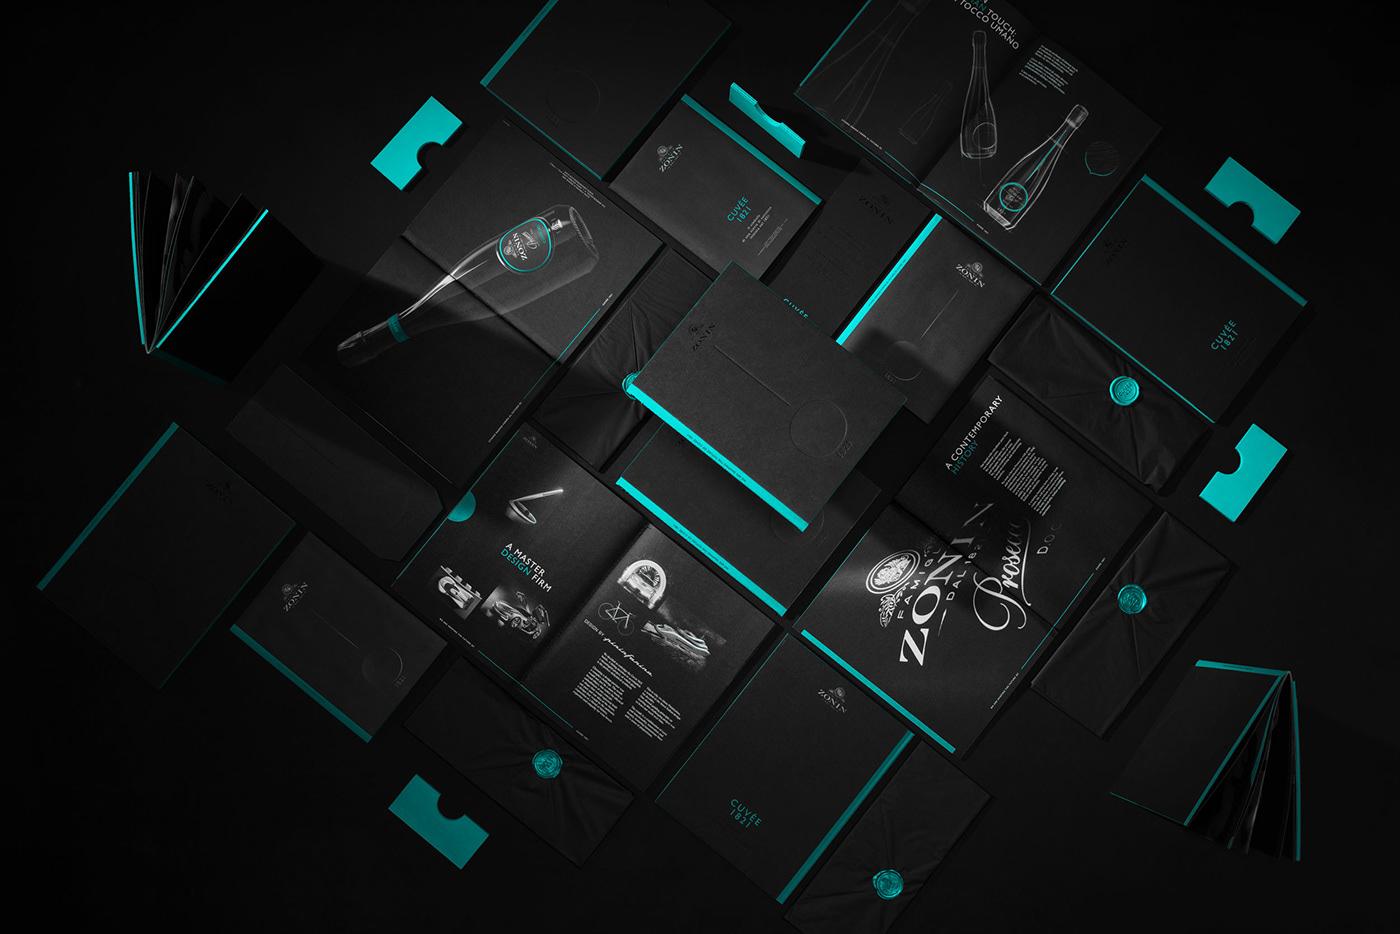 graphic design  Happycentro Invitation paper Photography  Prosecco video wine zonin